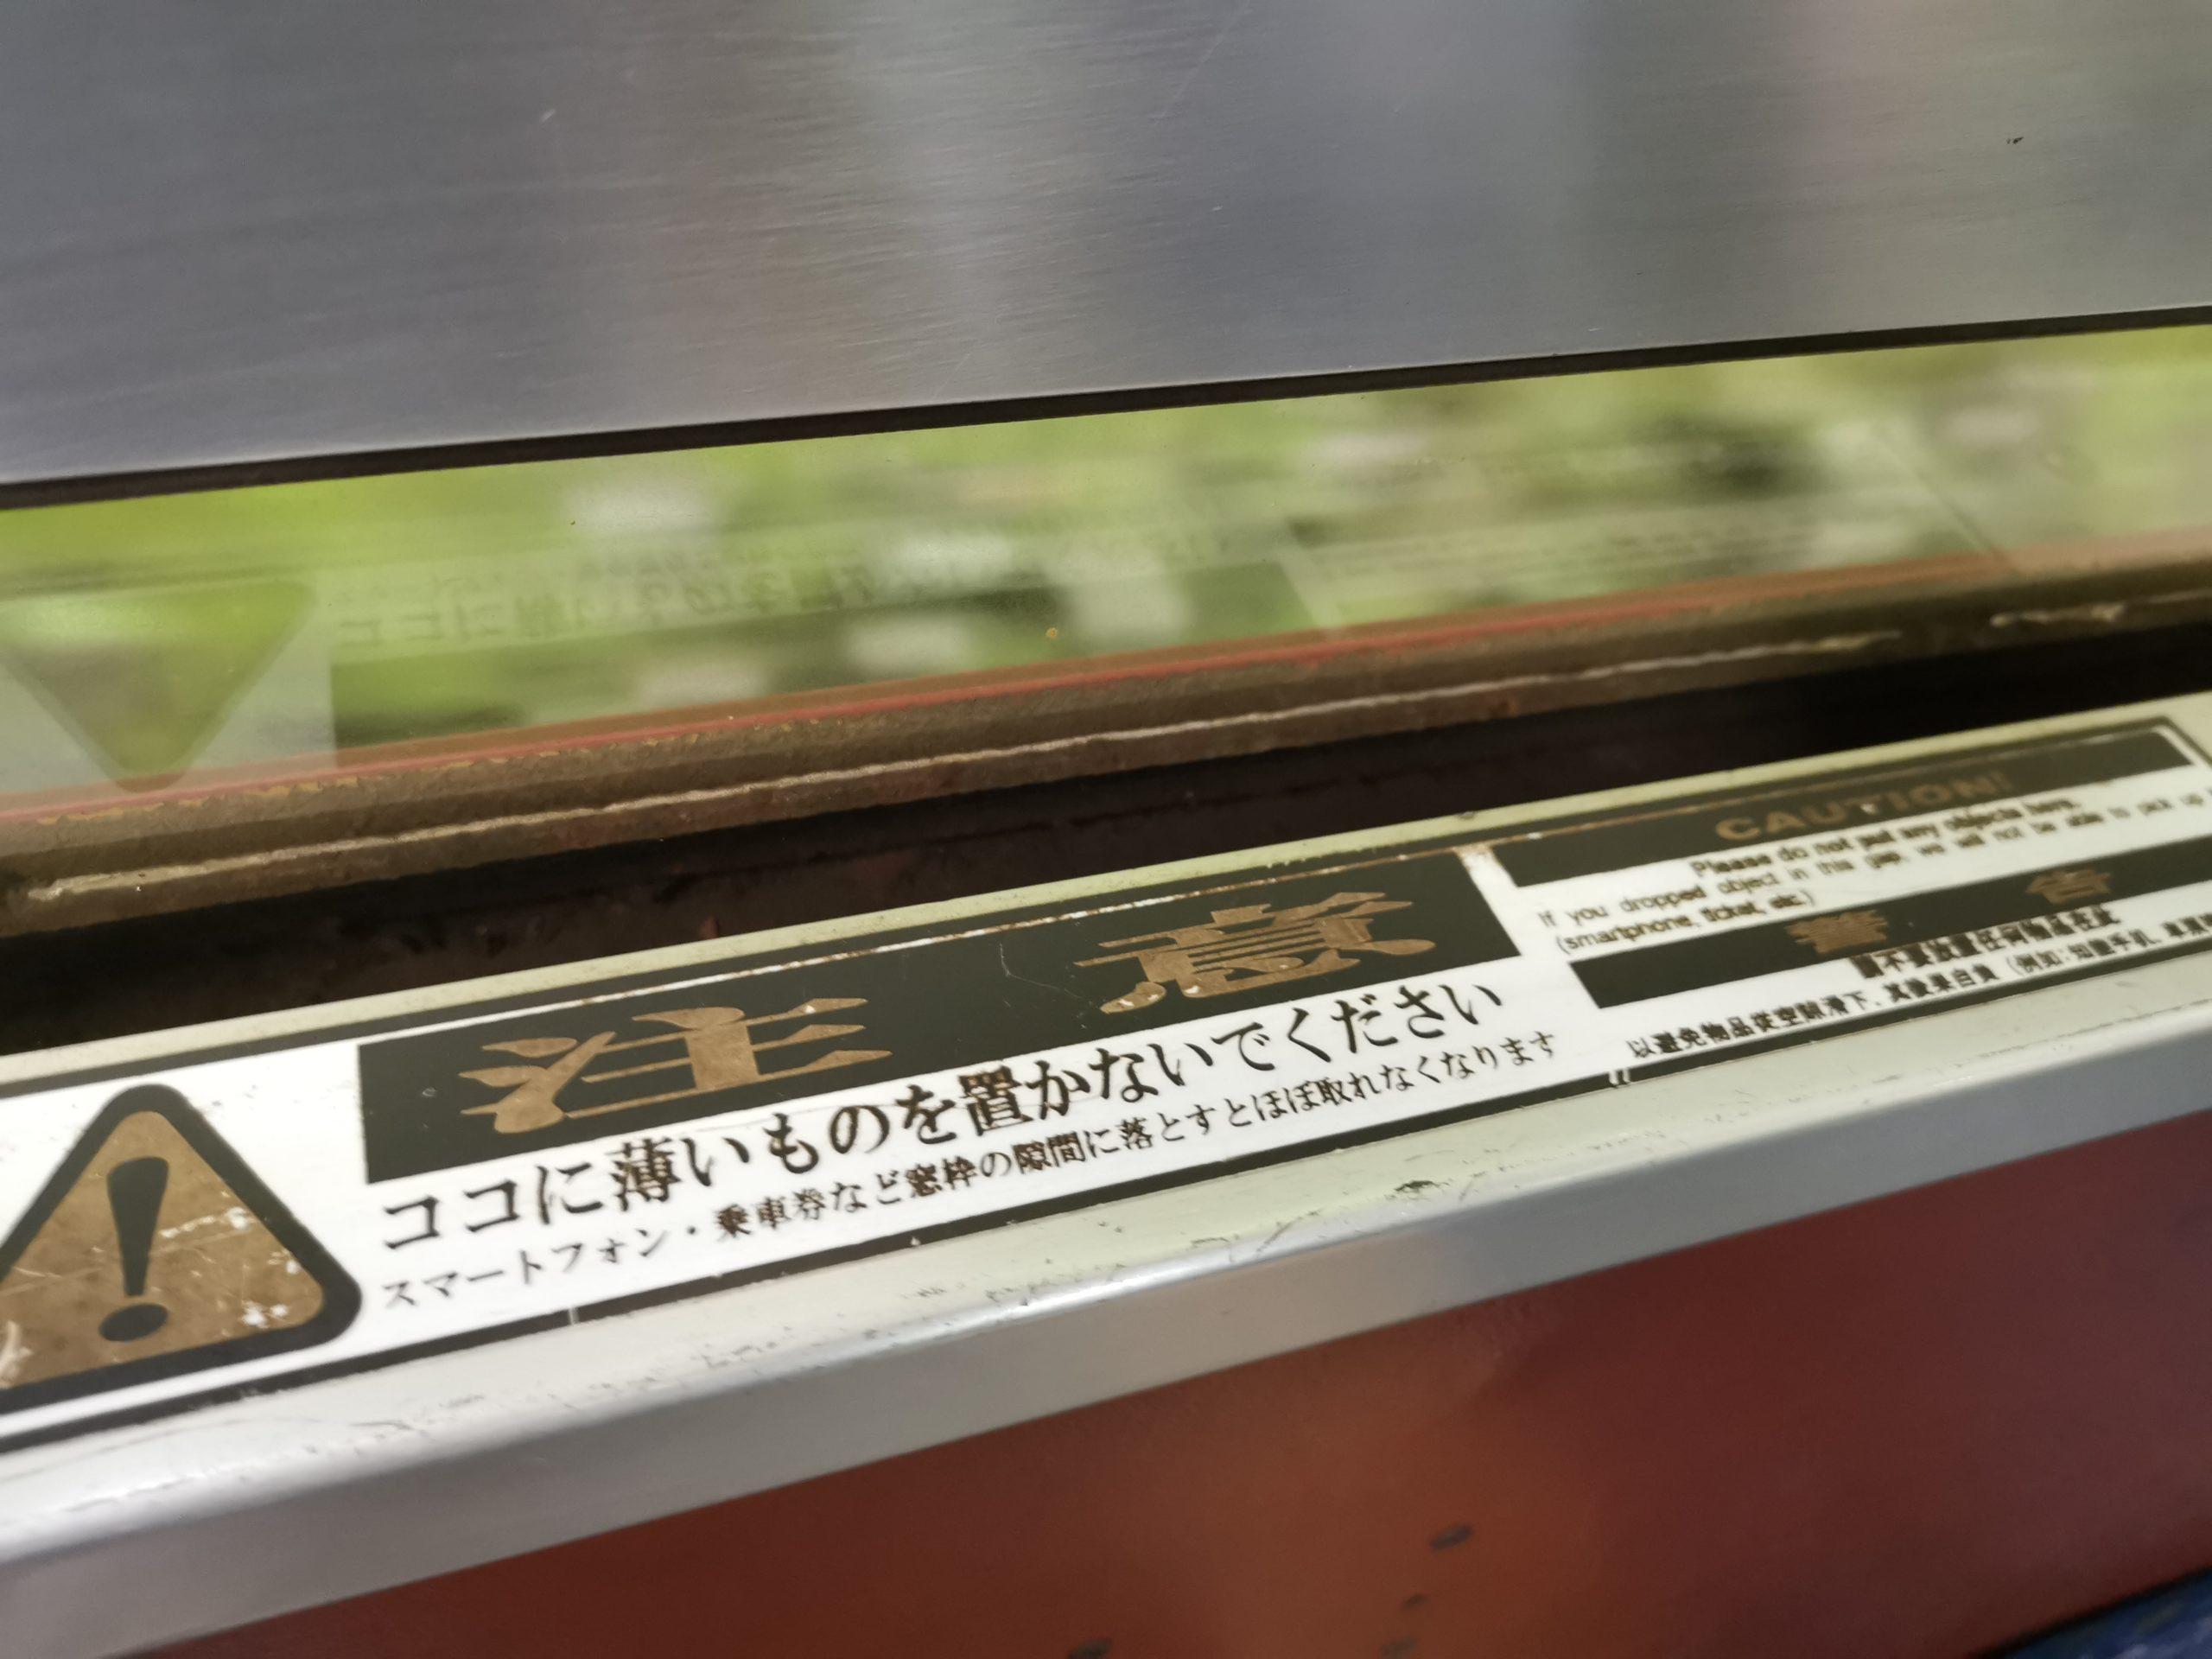 【スマホ・乗車券落としたらほぼ取れない】勾配90‰もある大井川鉄道井川線の面白い注意書き